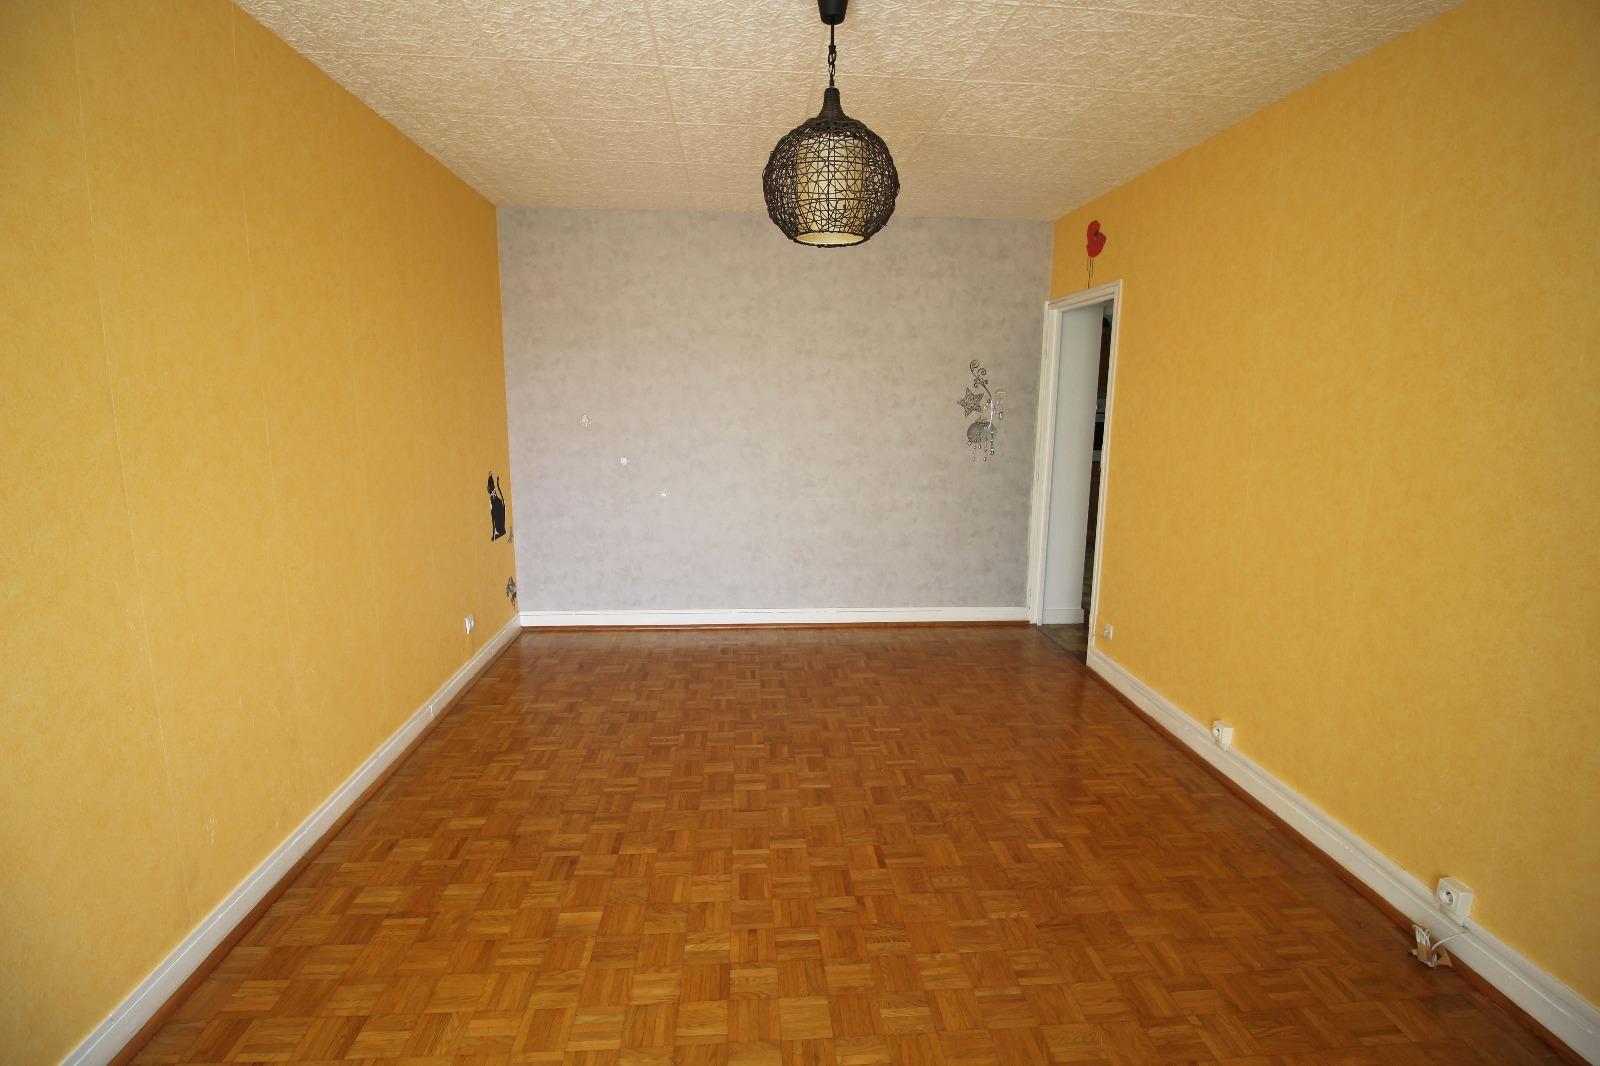 Vente lons le saunier 39 jura vends appartement 76 m for Garage bmw lons le saunier